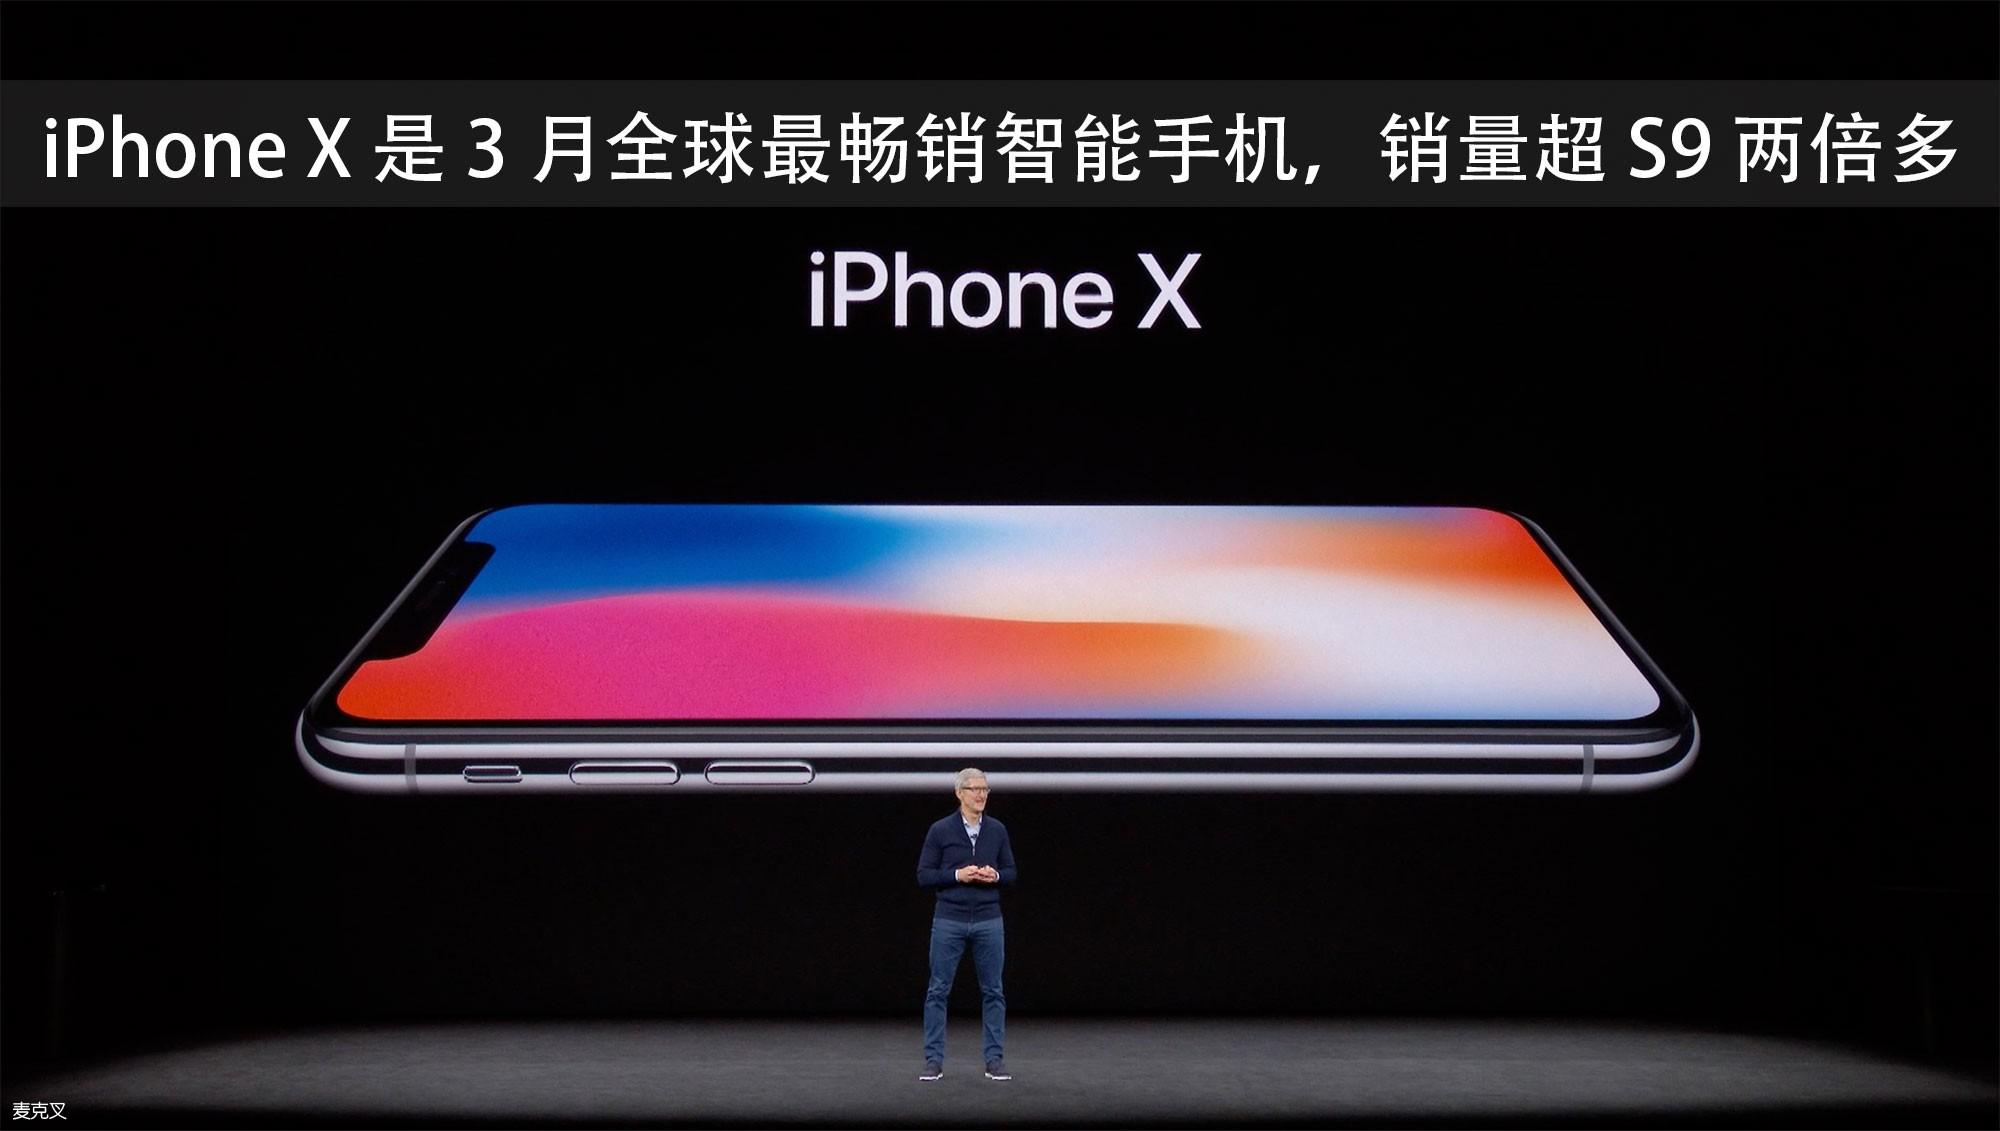 iPhone X 是 3 月全球最畅销智能手机,销量超 S9 两倍多